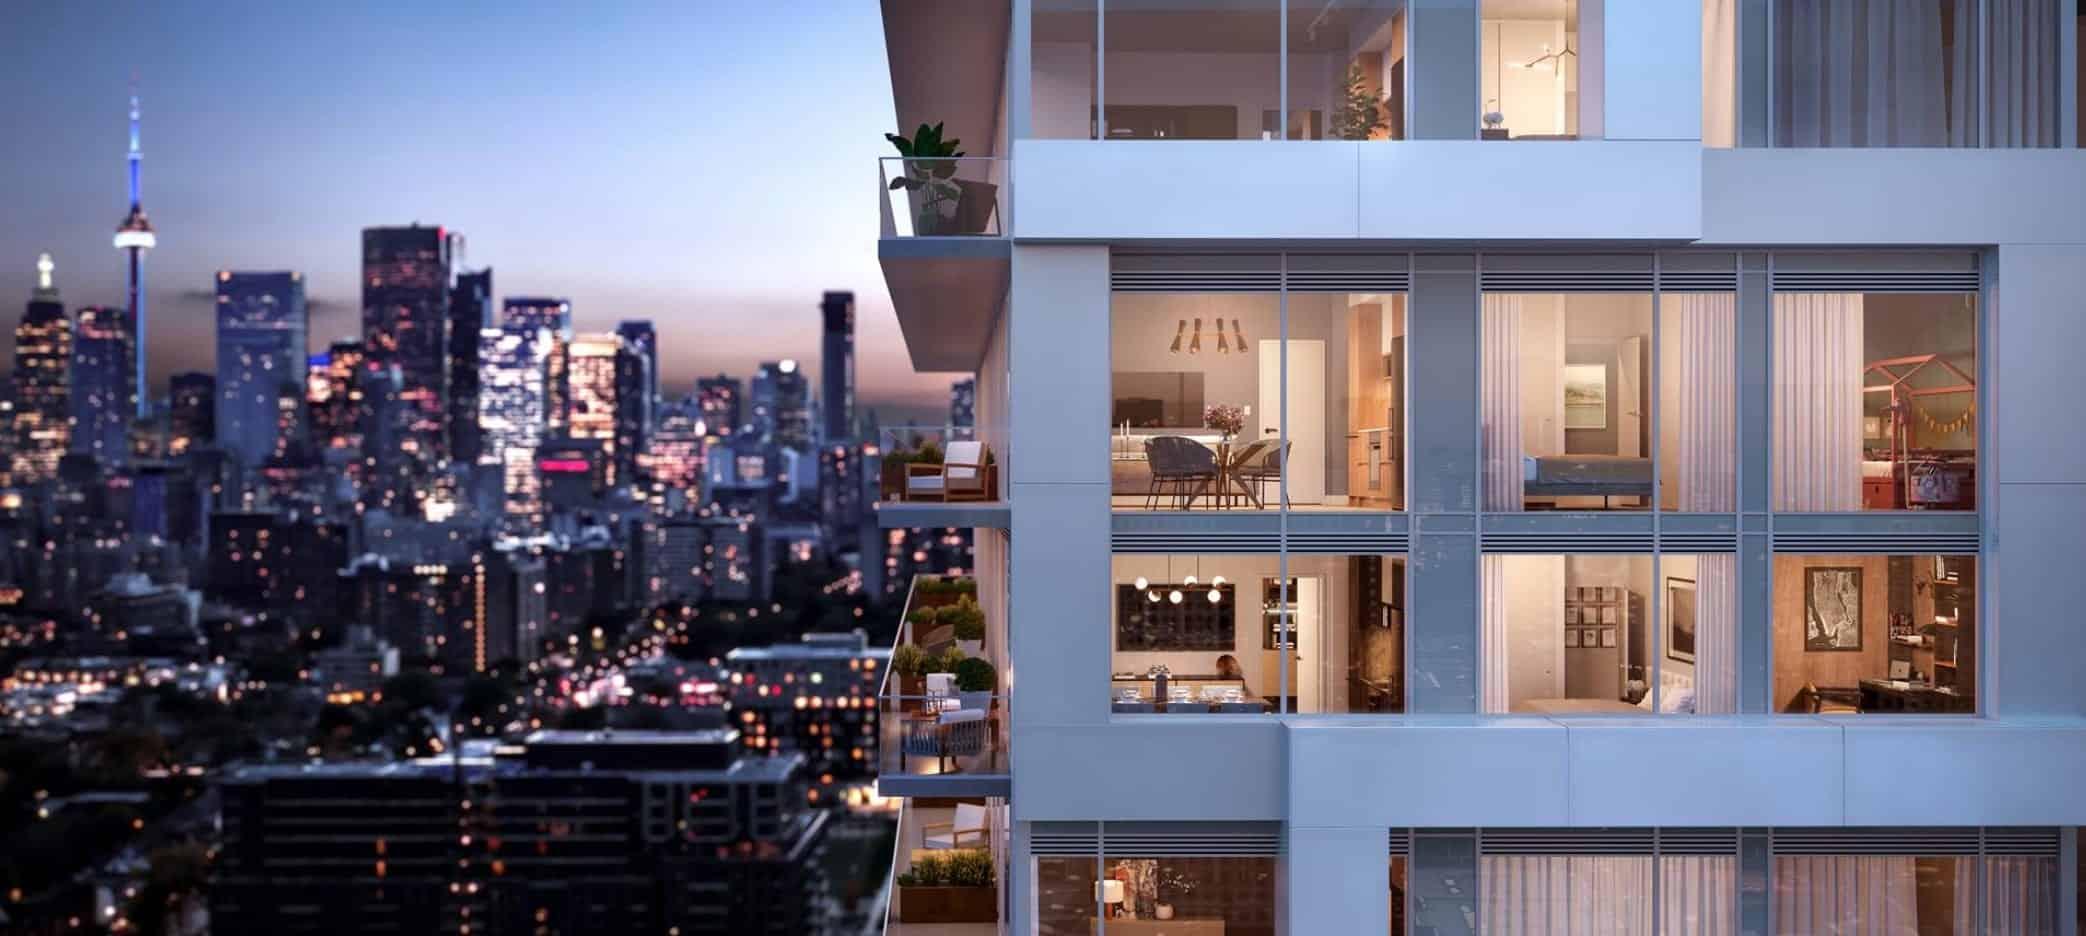 River and Fifth Condos Suite Balcony View True Condos